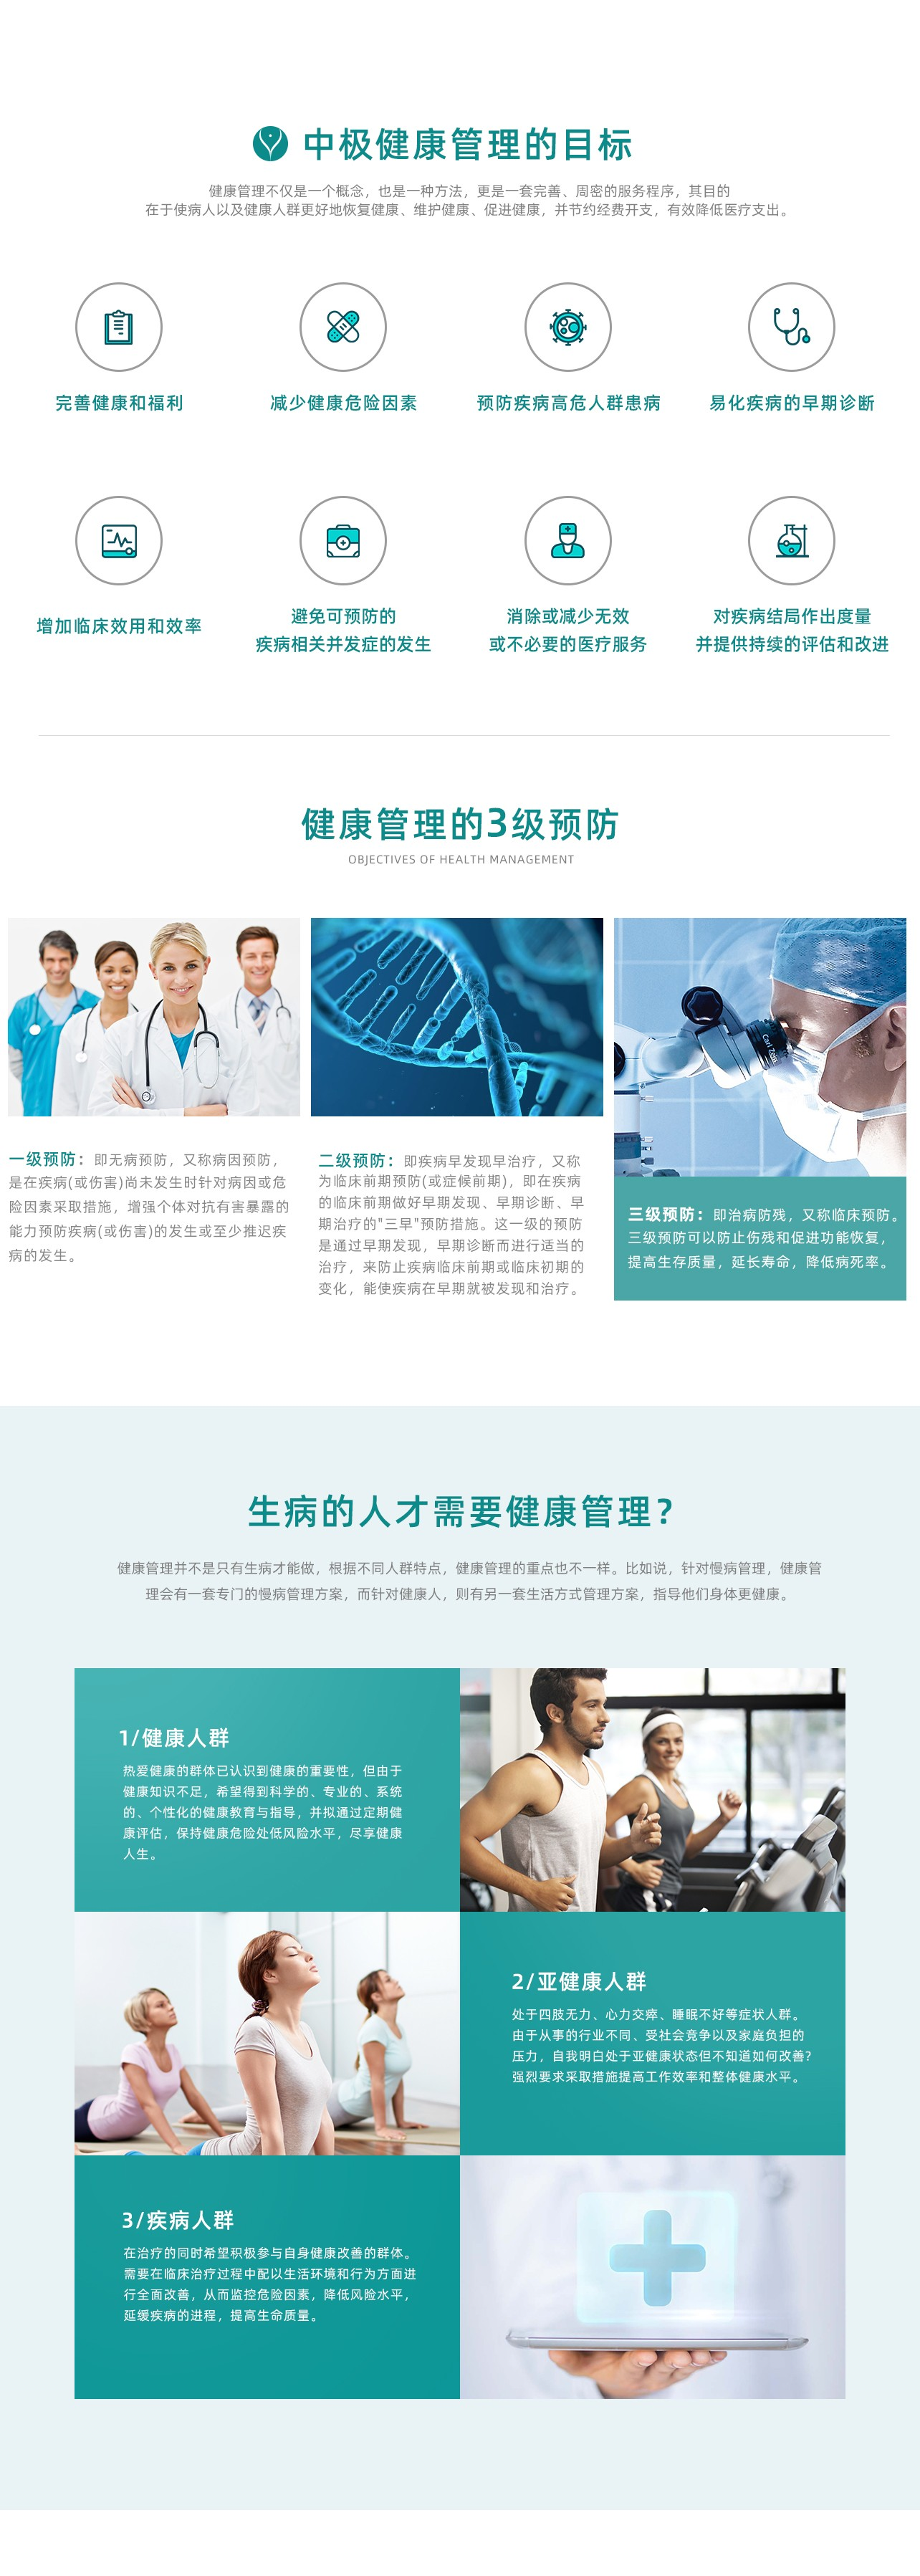 健康管理的目标与特点_05.jpg